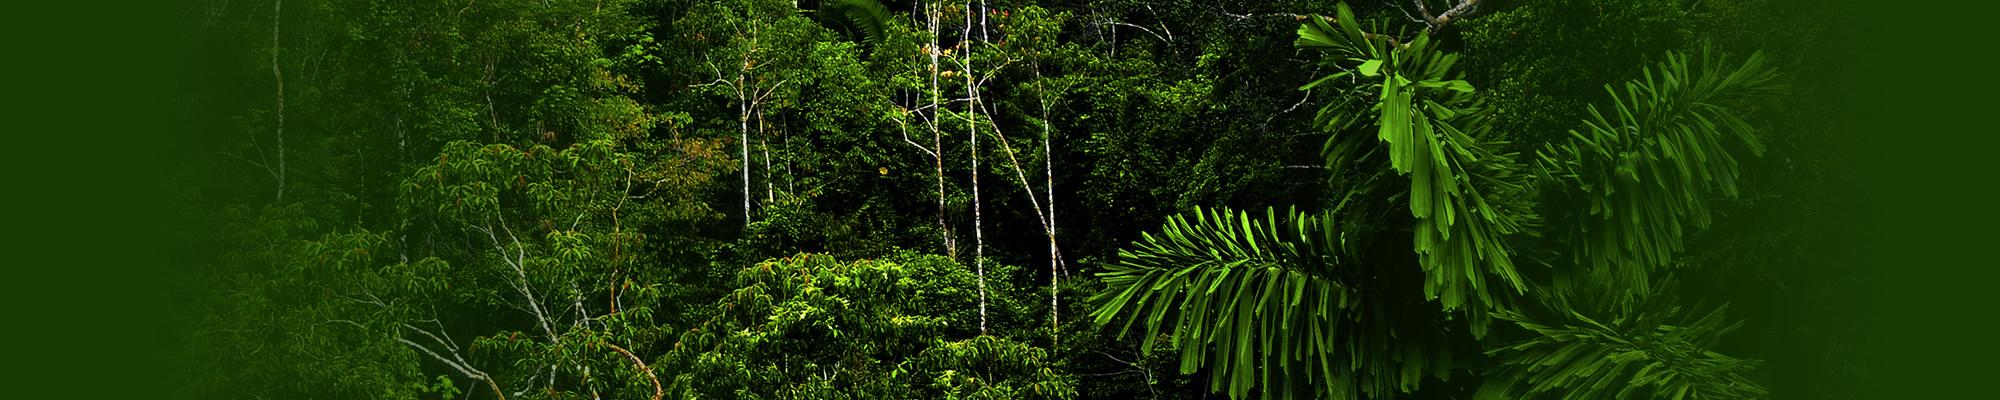 regenwoud_duurzaam_bovenkamers